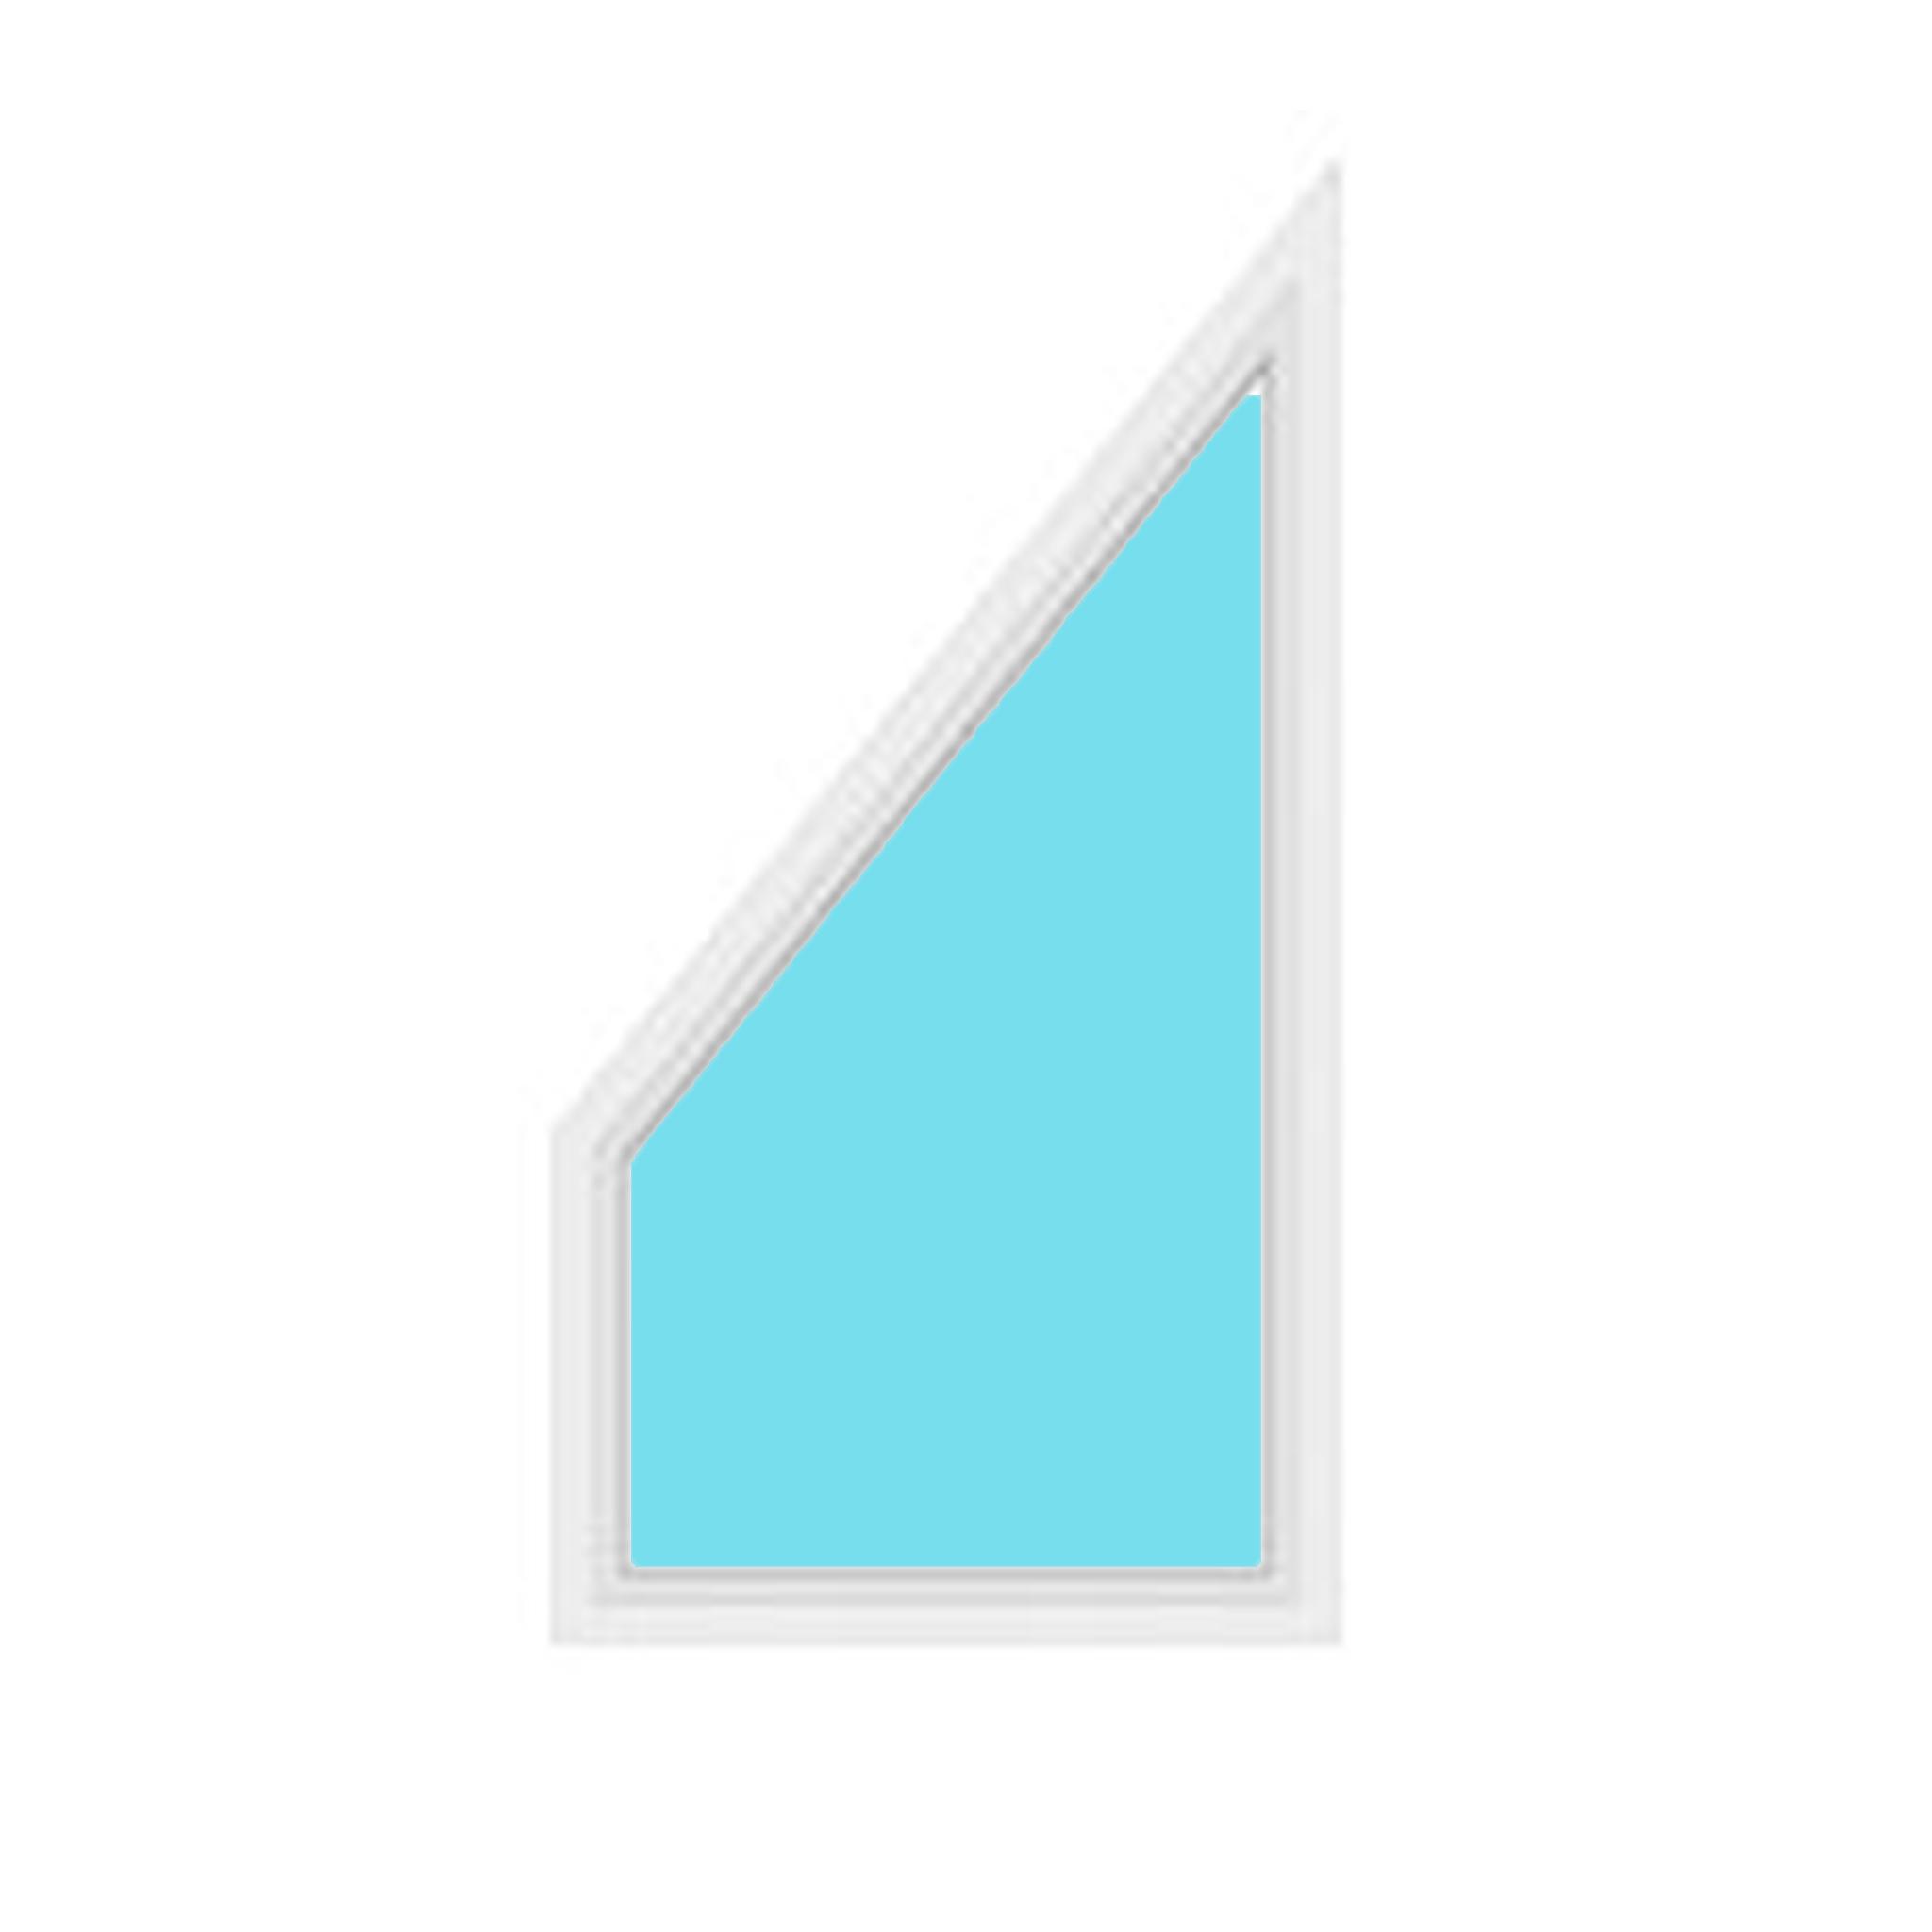 TRAPEZOID Image